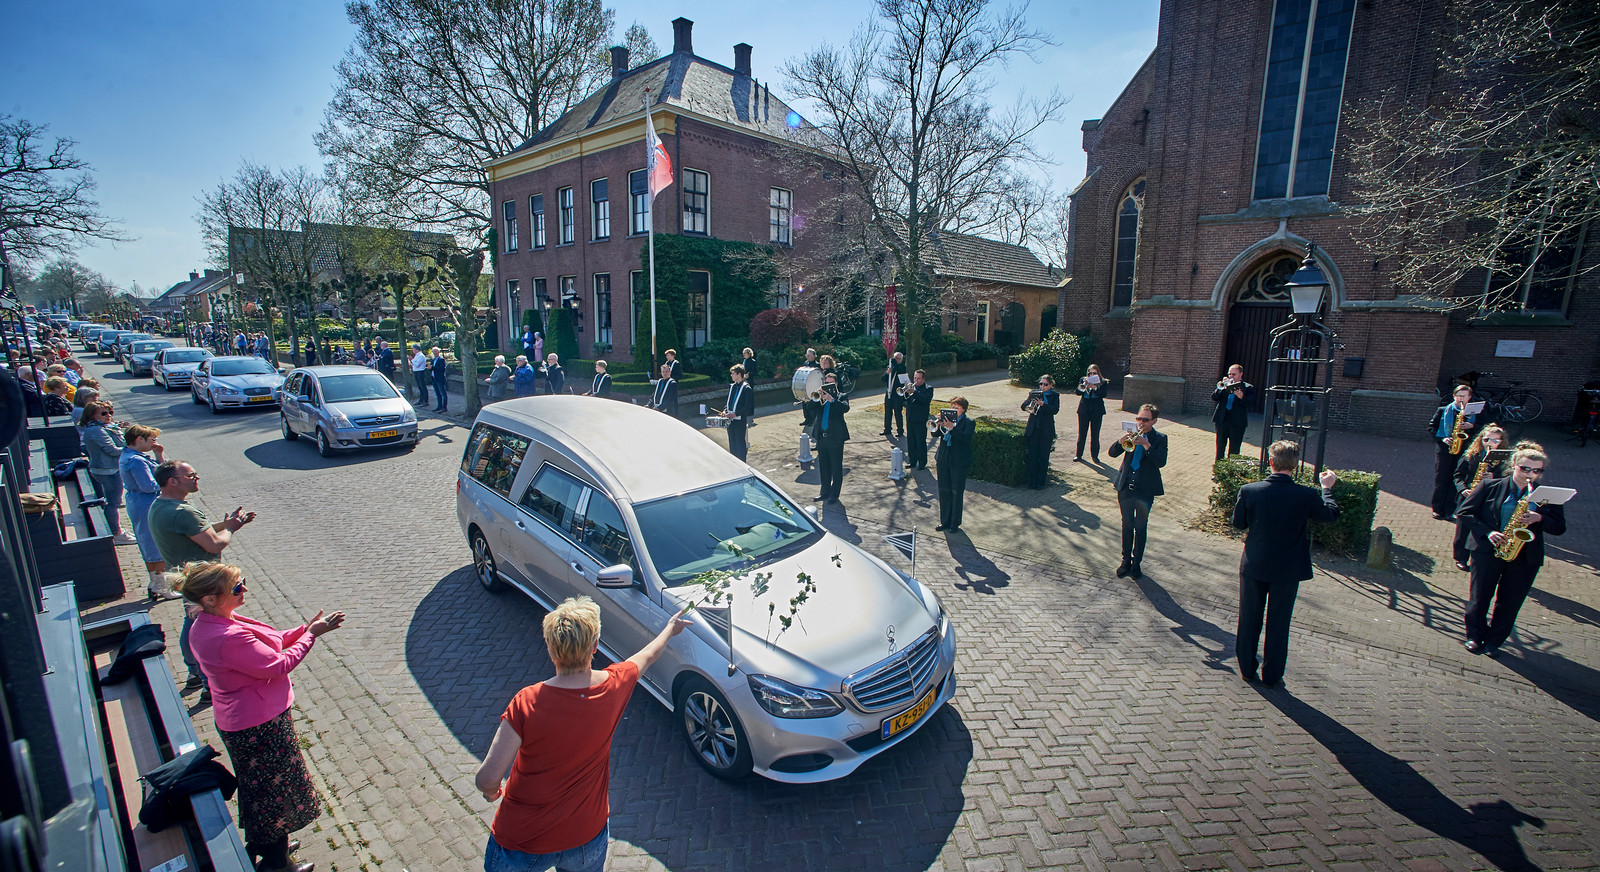 Zijtaart neemt afscheid van Bert Raaijmakers met een muzikaal eerbetoon vanaf het Dorpsplein. Fotograaf: Van Assendelft/Jeroen Appels